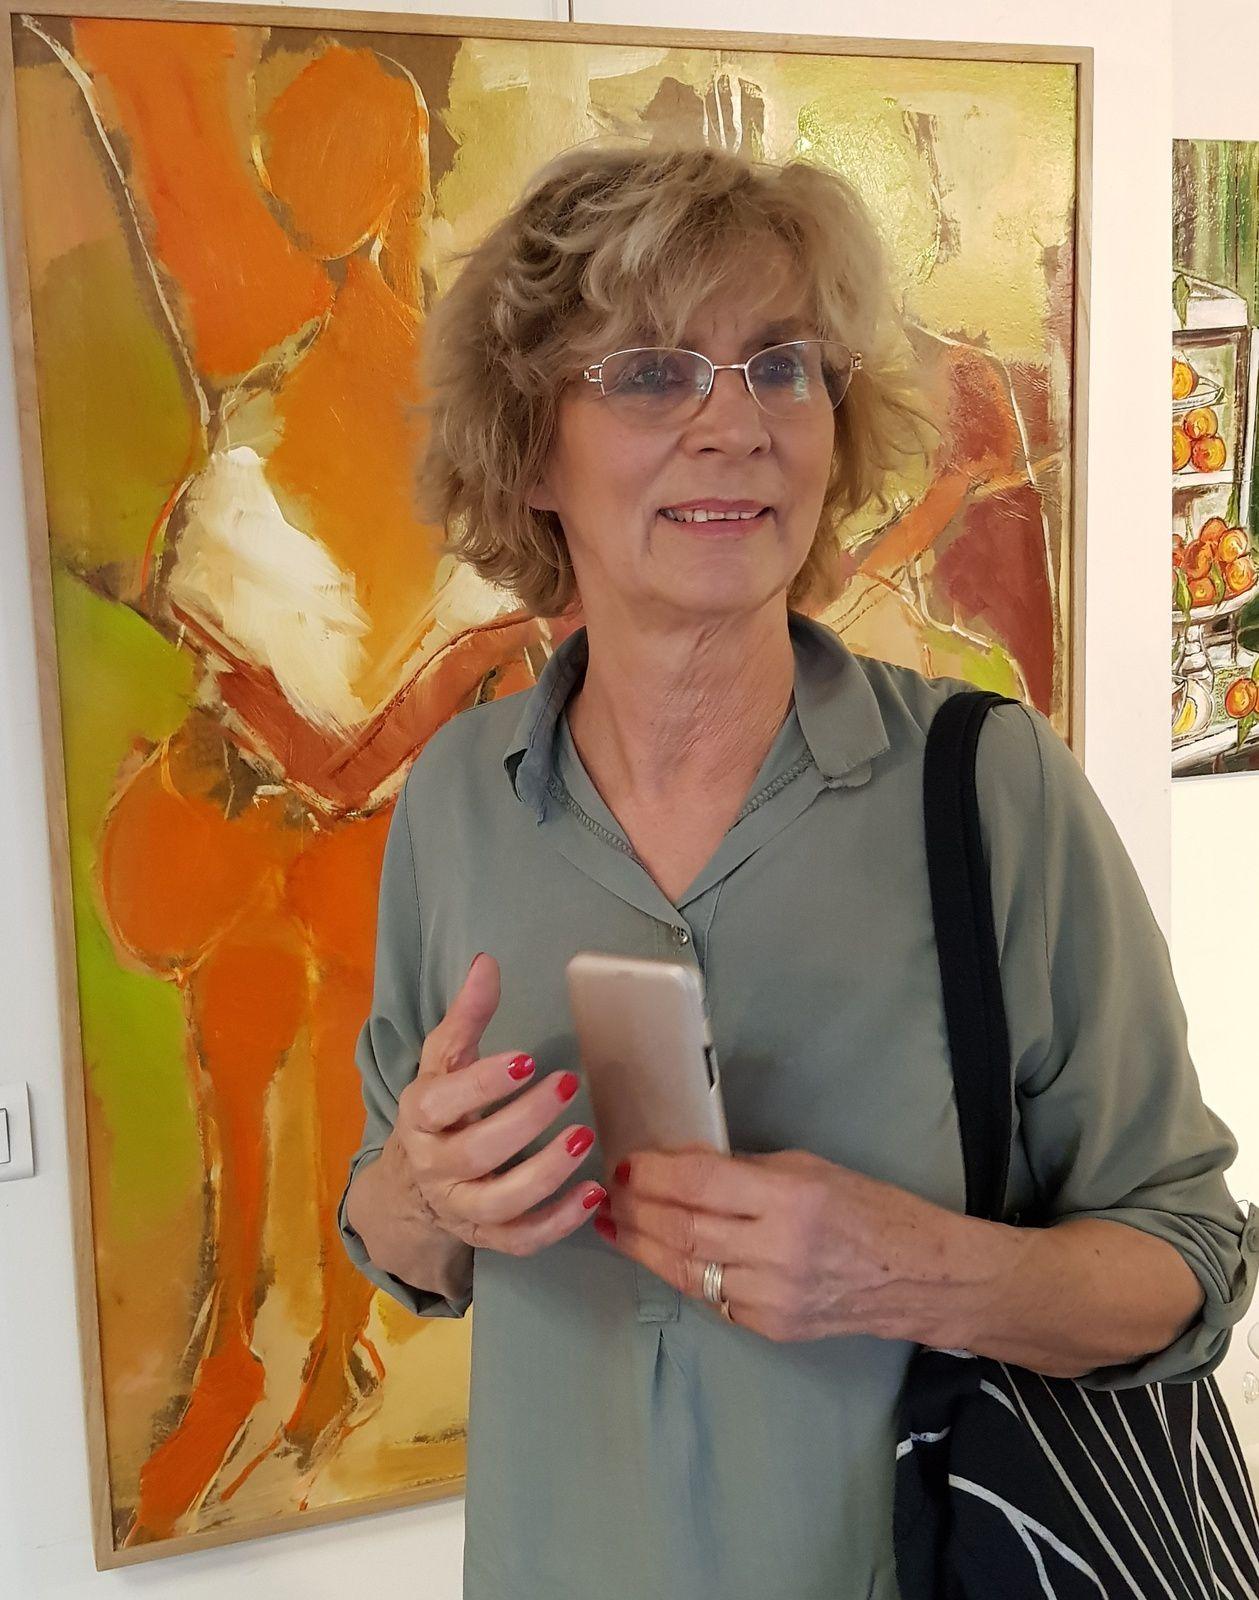 «Mme Dominique de GAUDRIC, une artiste du 19eme ardt discrète et bourrée de talent» par M. Amadou Bal BA - http://baamadou.over-blog.fr/